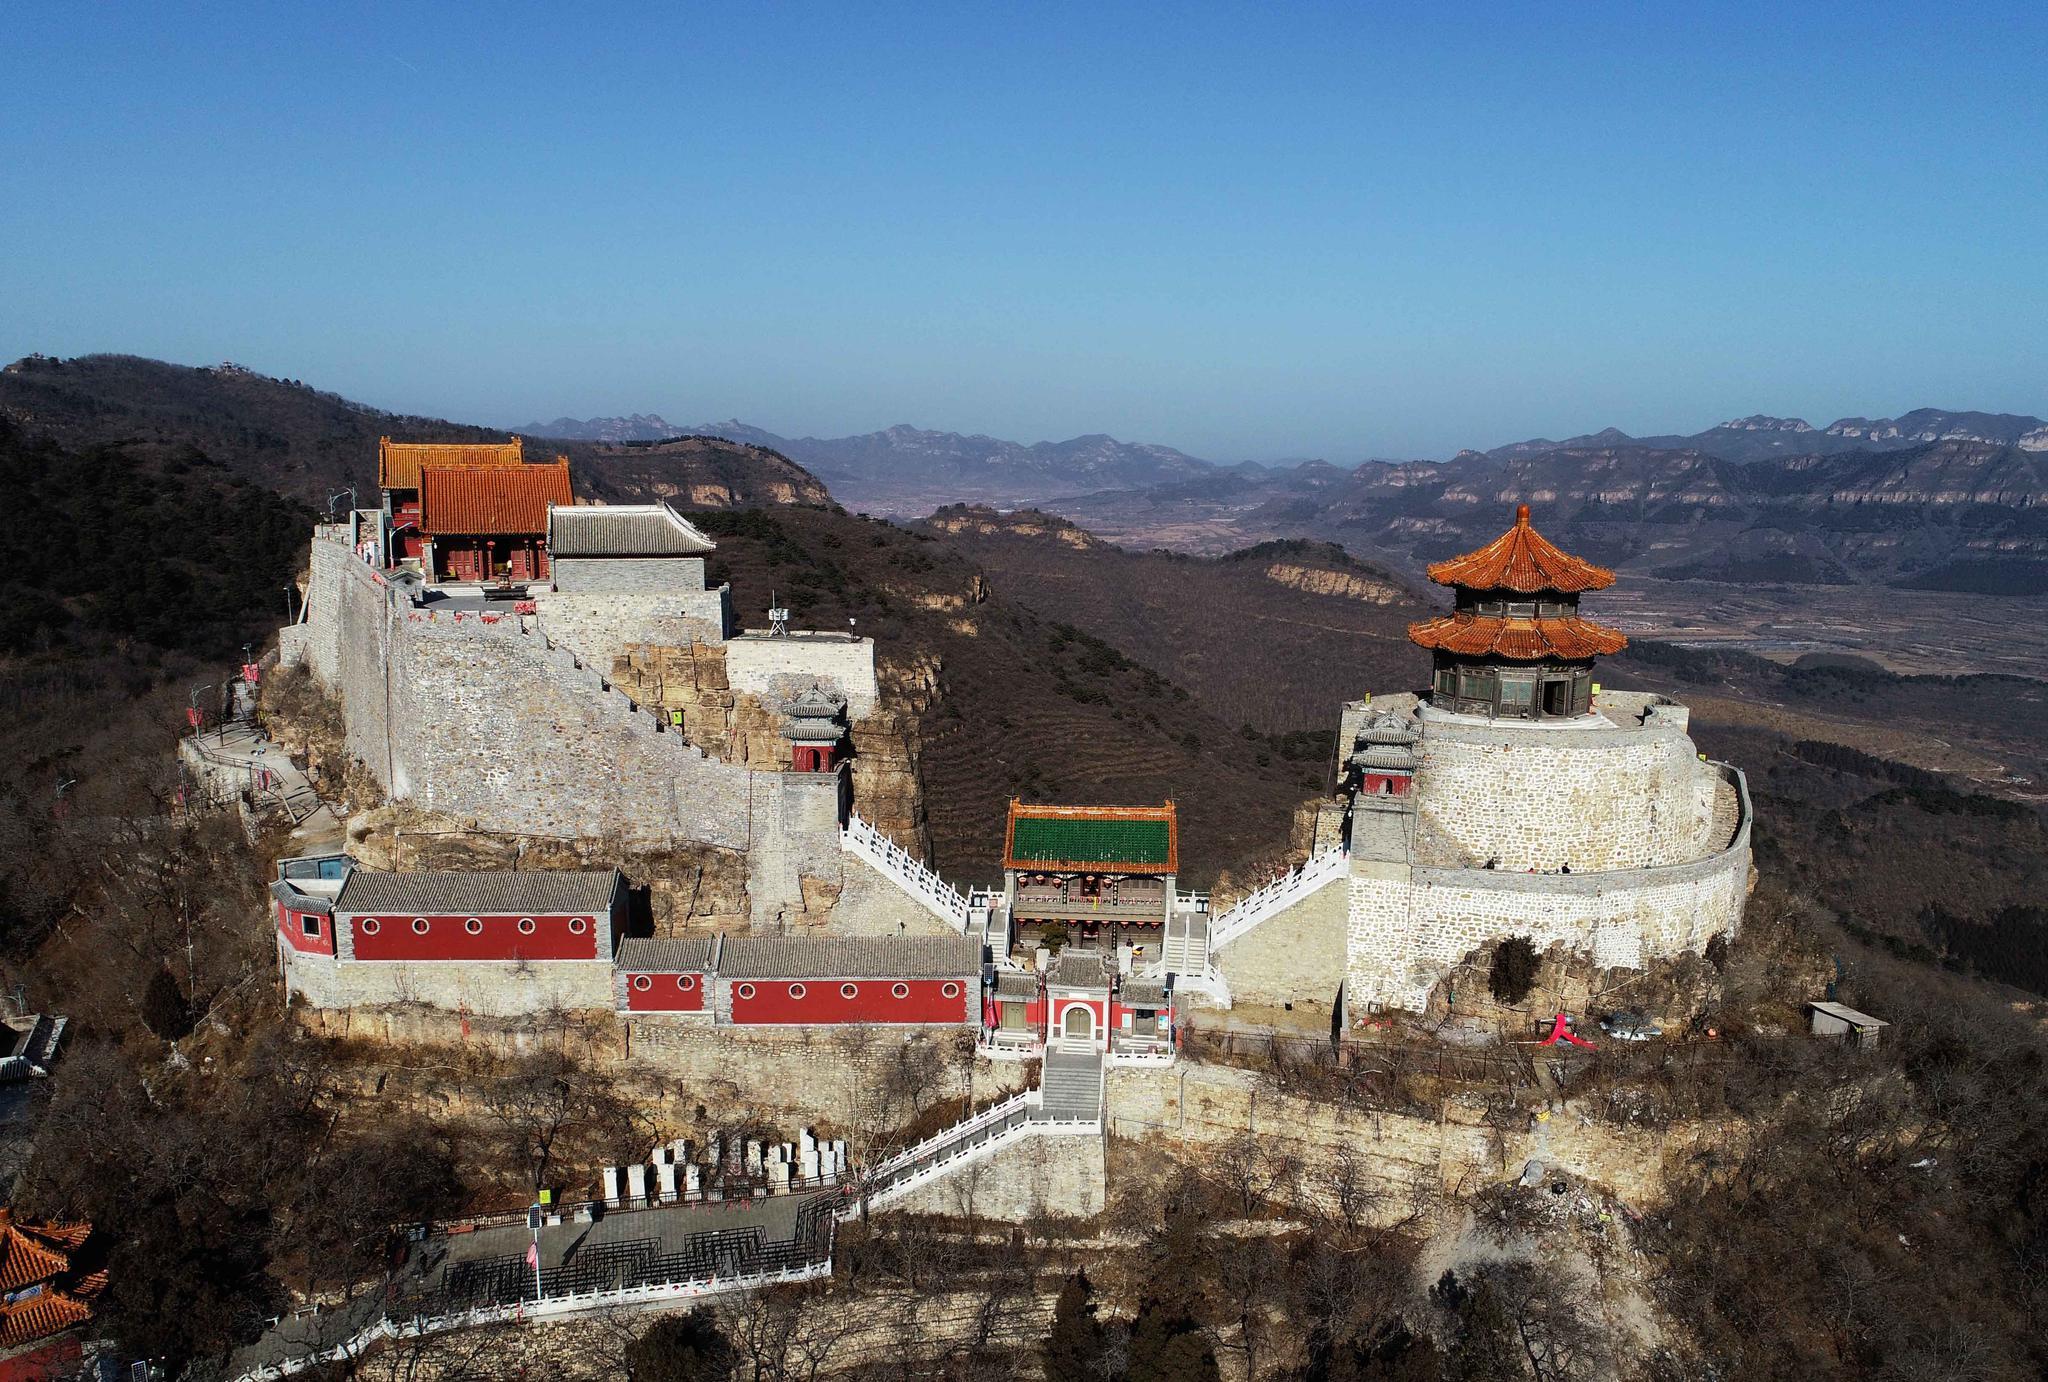 北京有句谚语:东有丫髻山,西有妙峰山,空中欣赏百年丫髻山风光